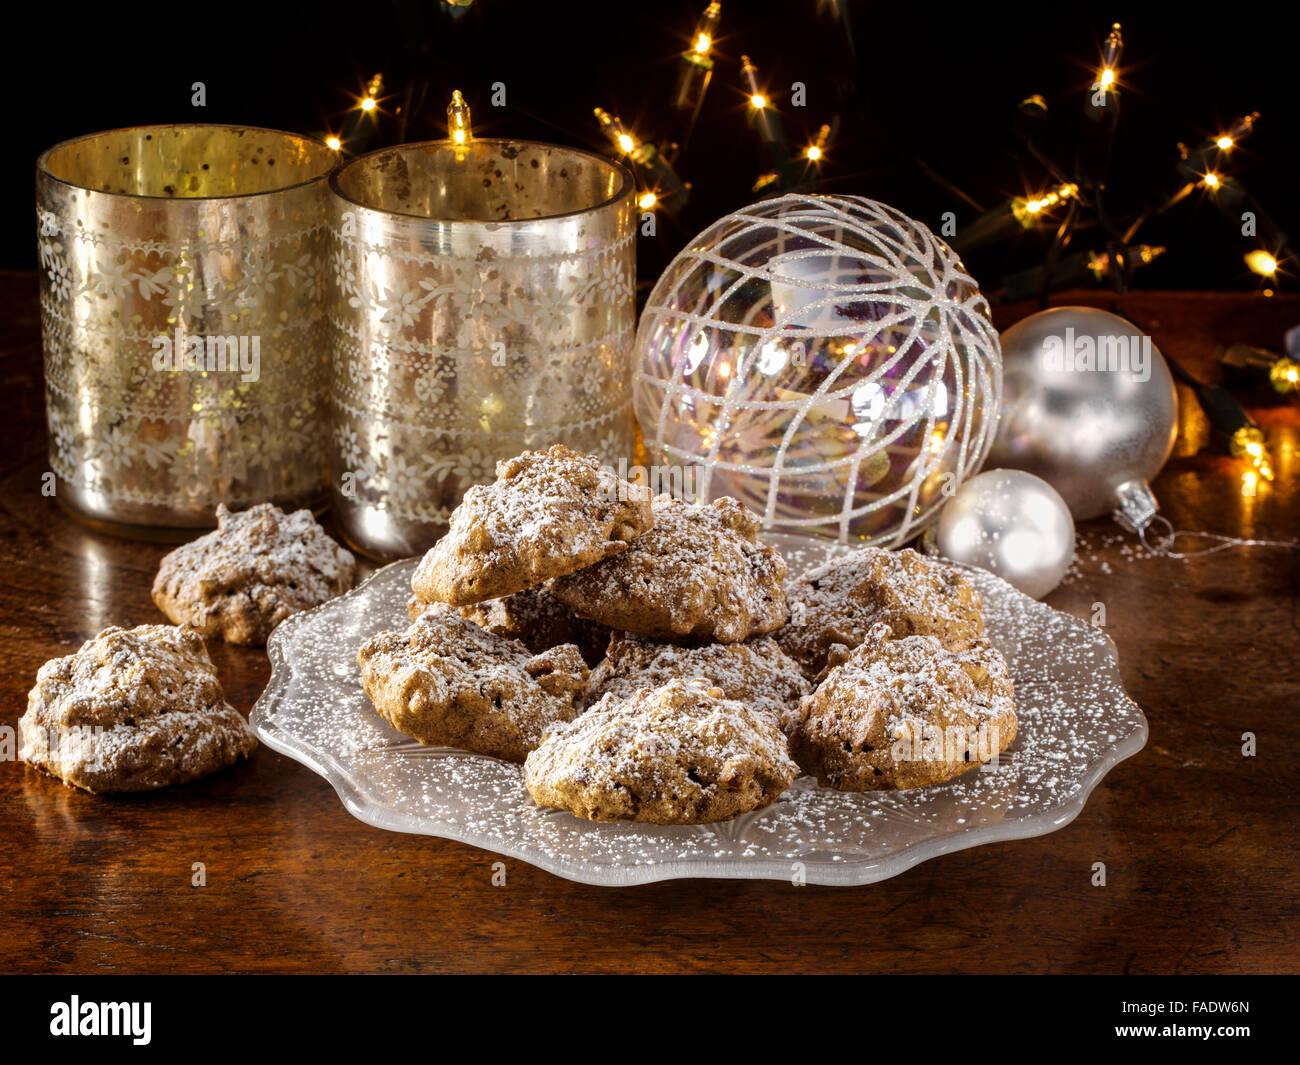 Pecan Praline cookies - Stock Image